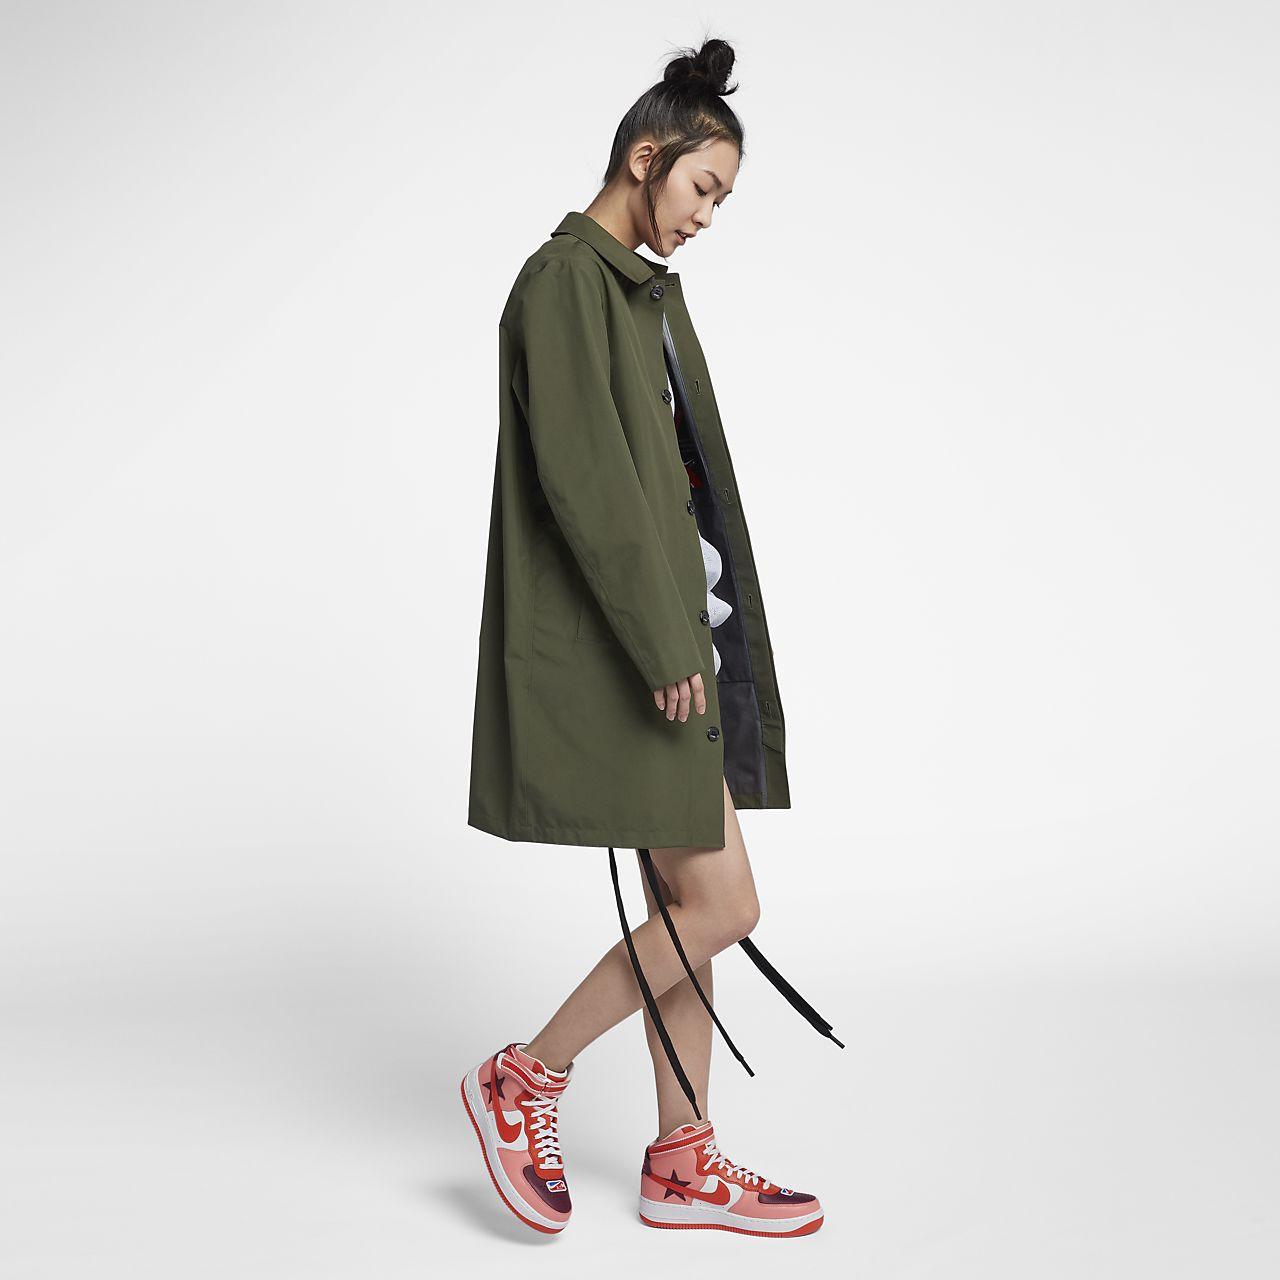 Femmes Nike En Daim Air Max Couche De Voiture